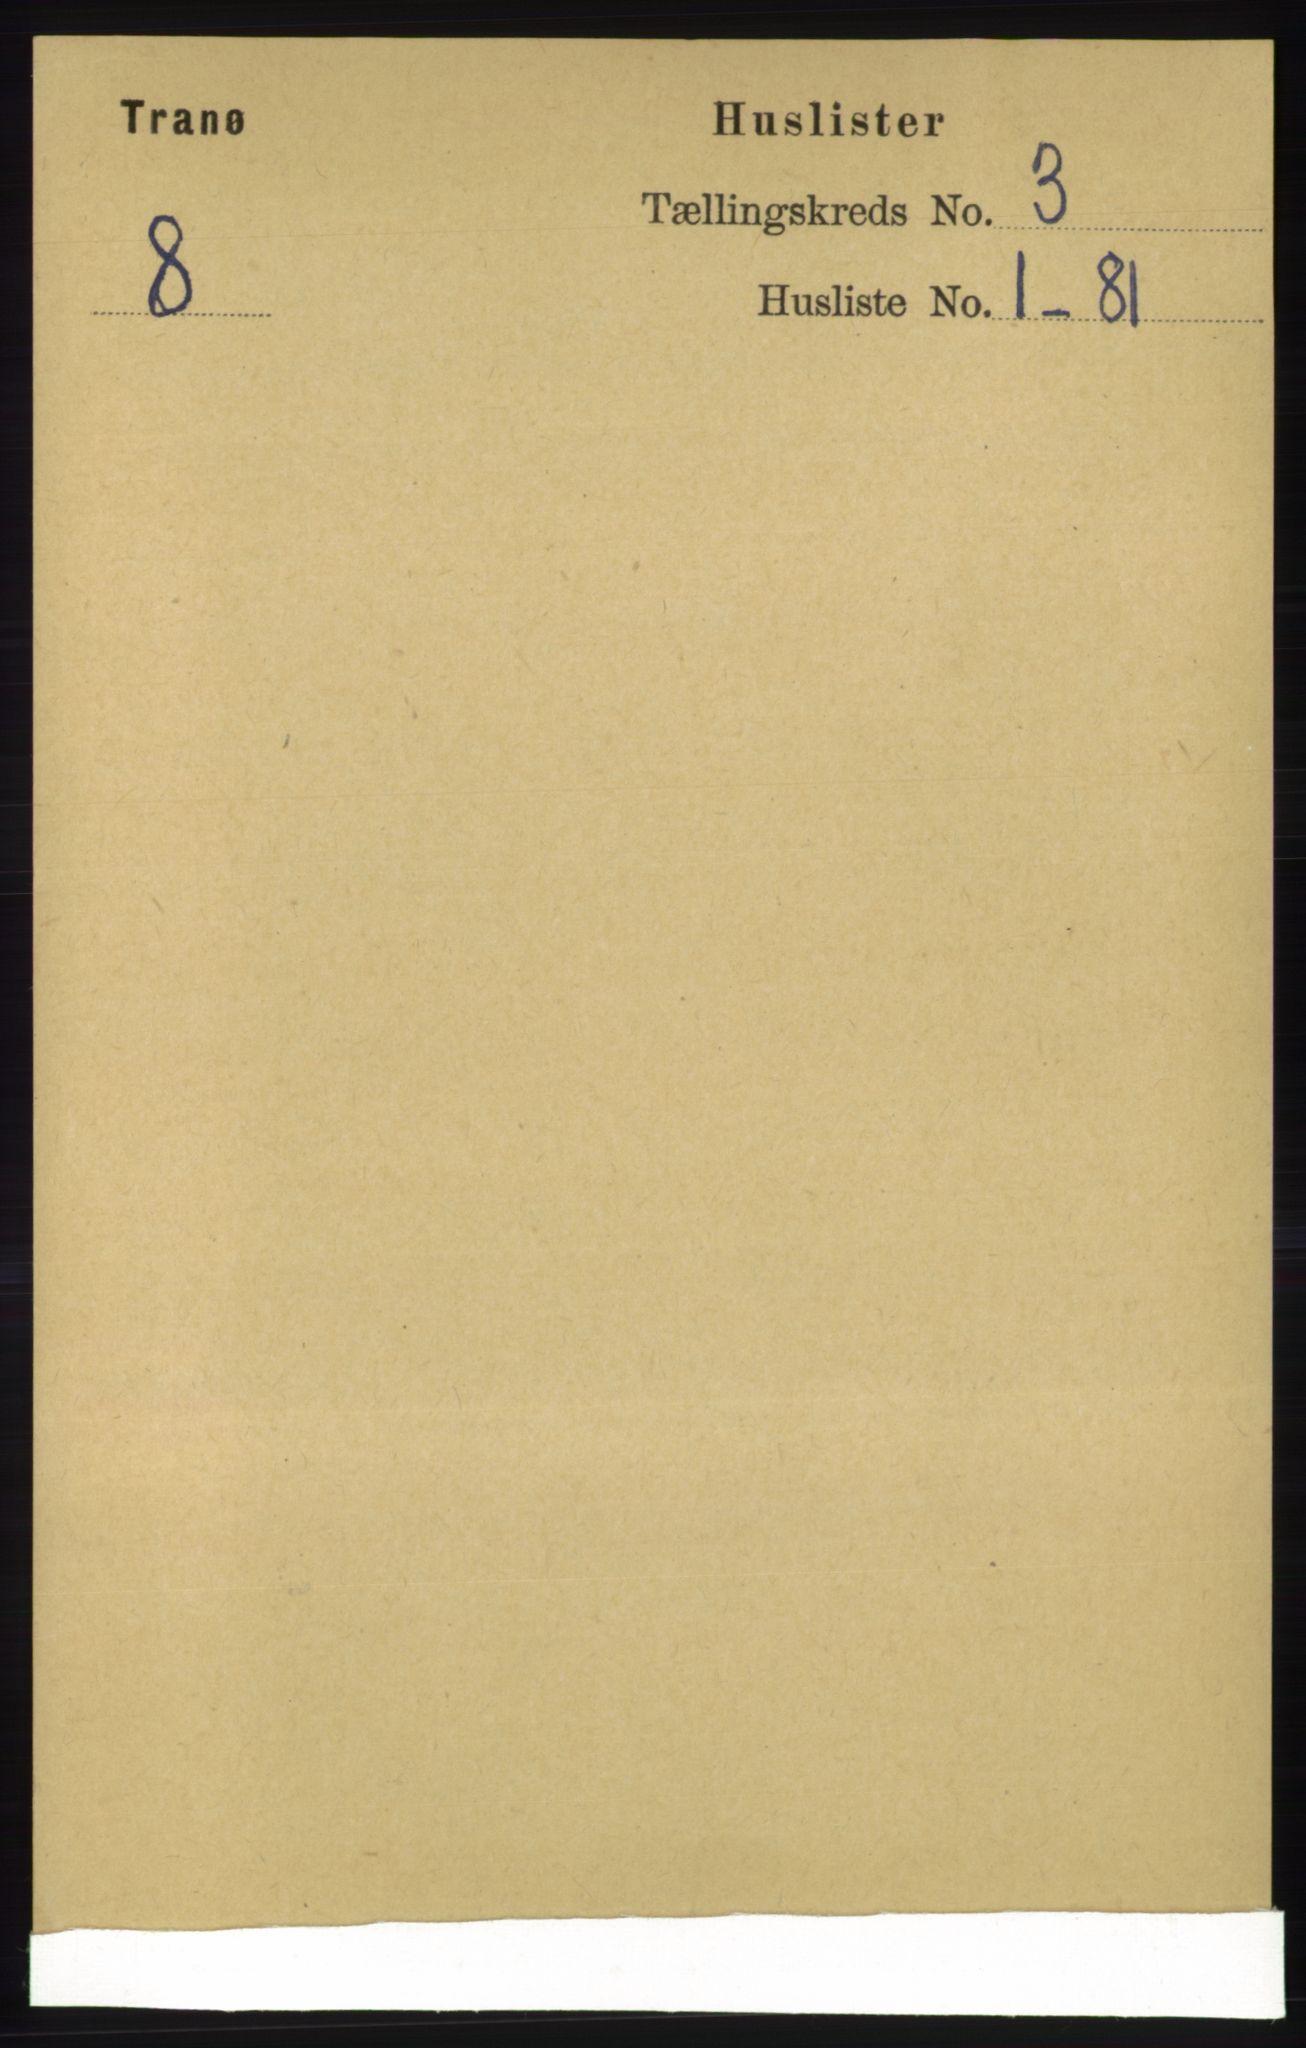 RA, Folketelling 1891 for 1927 Tranøy herred, 1891, s. 803